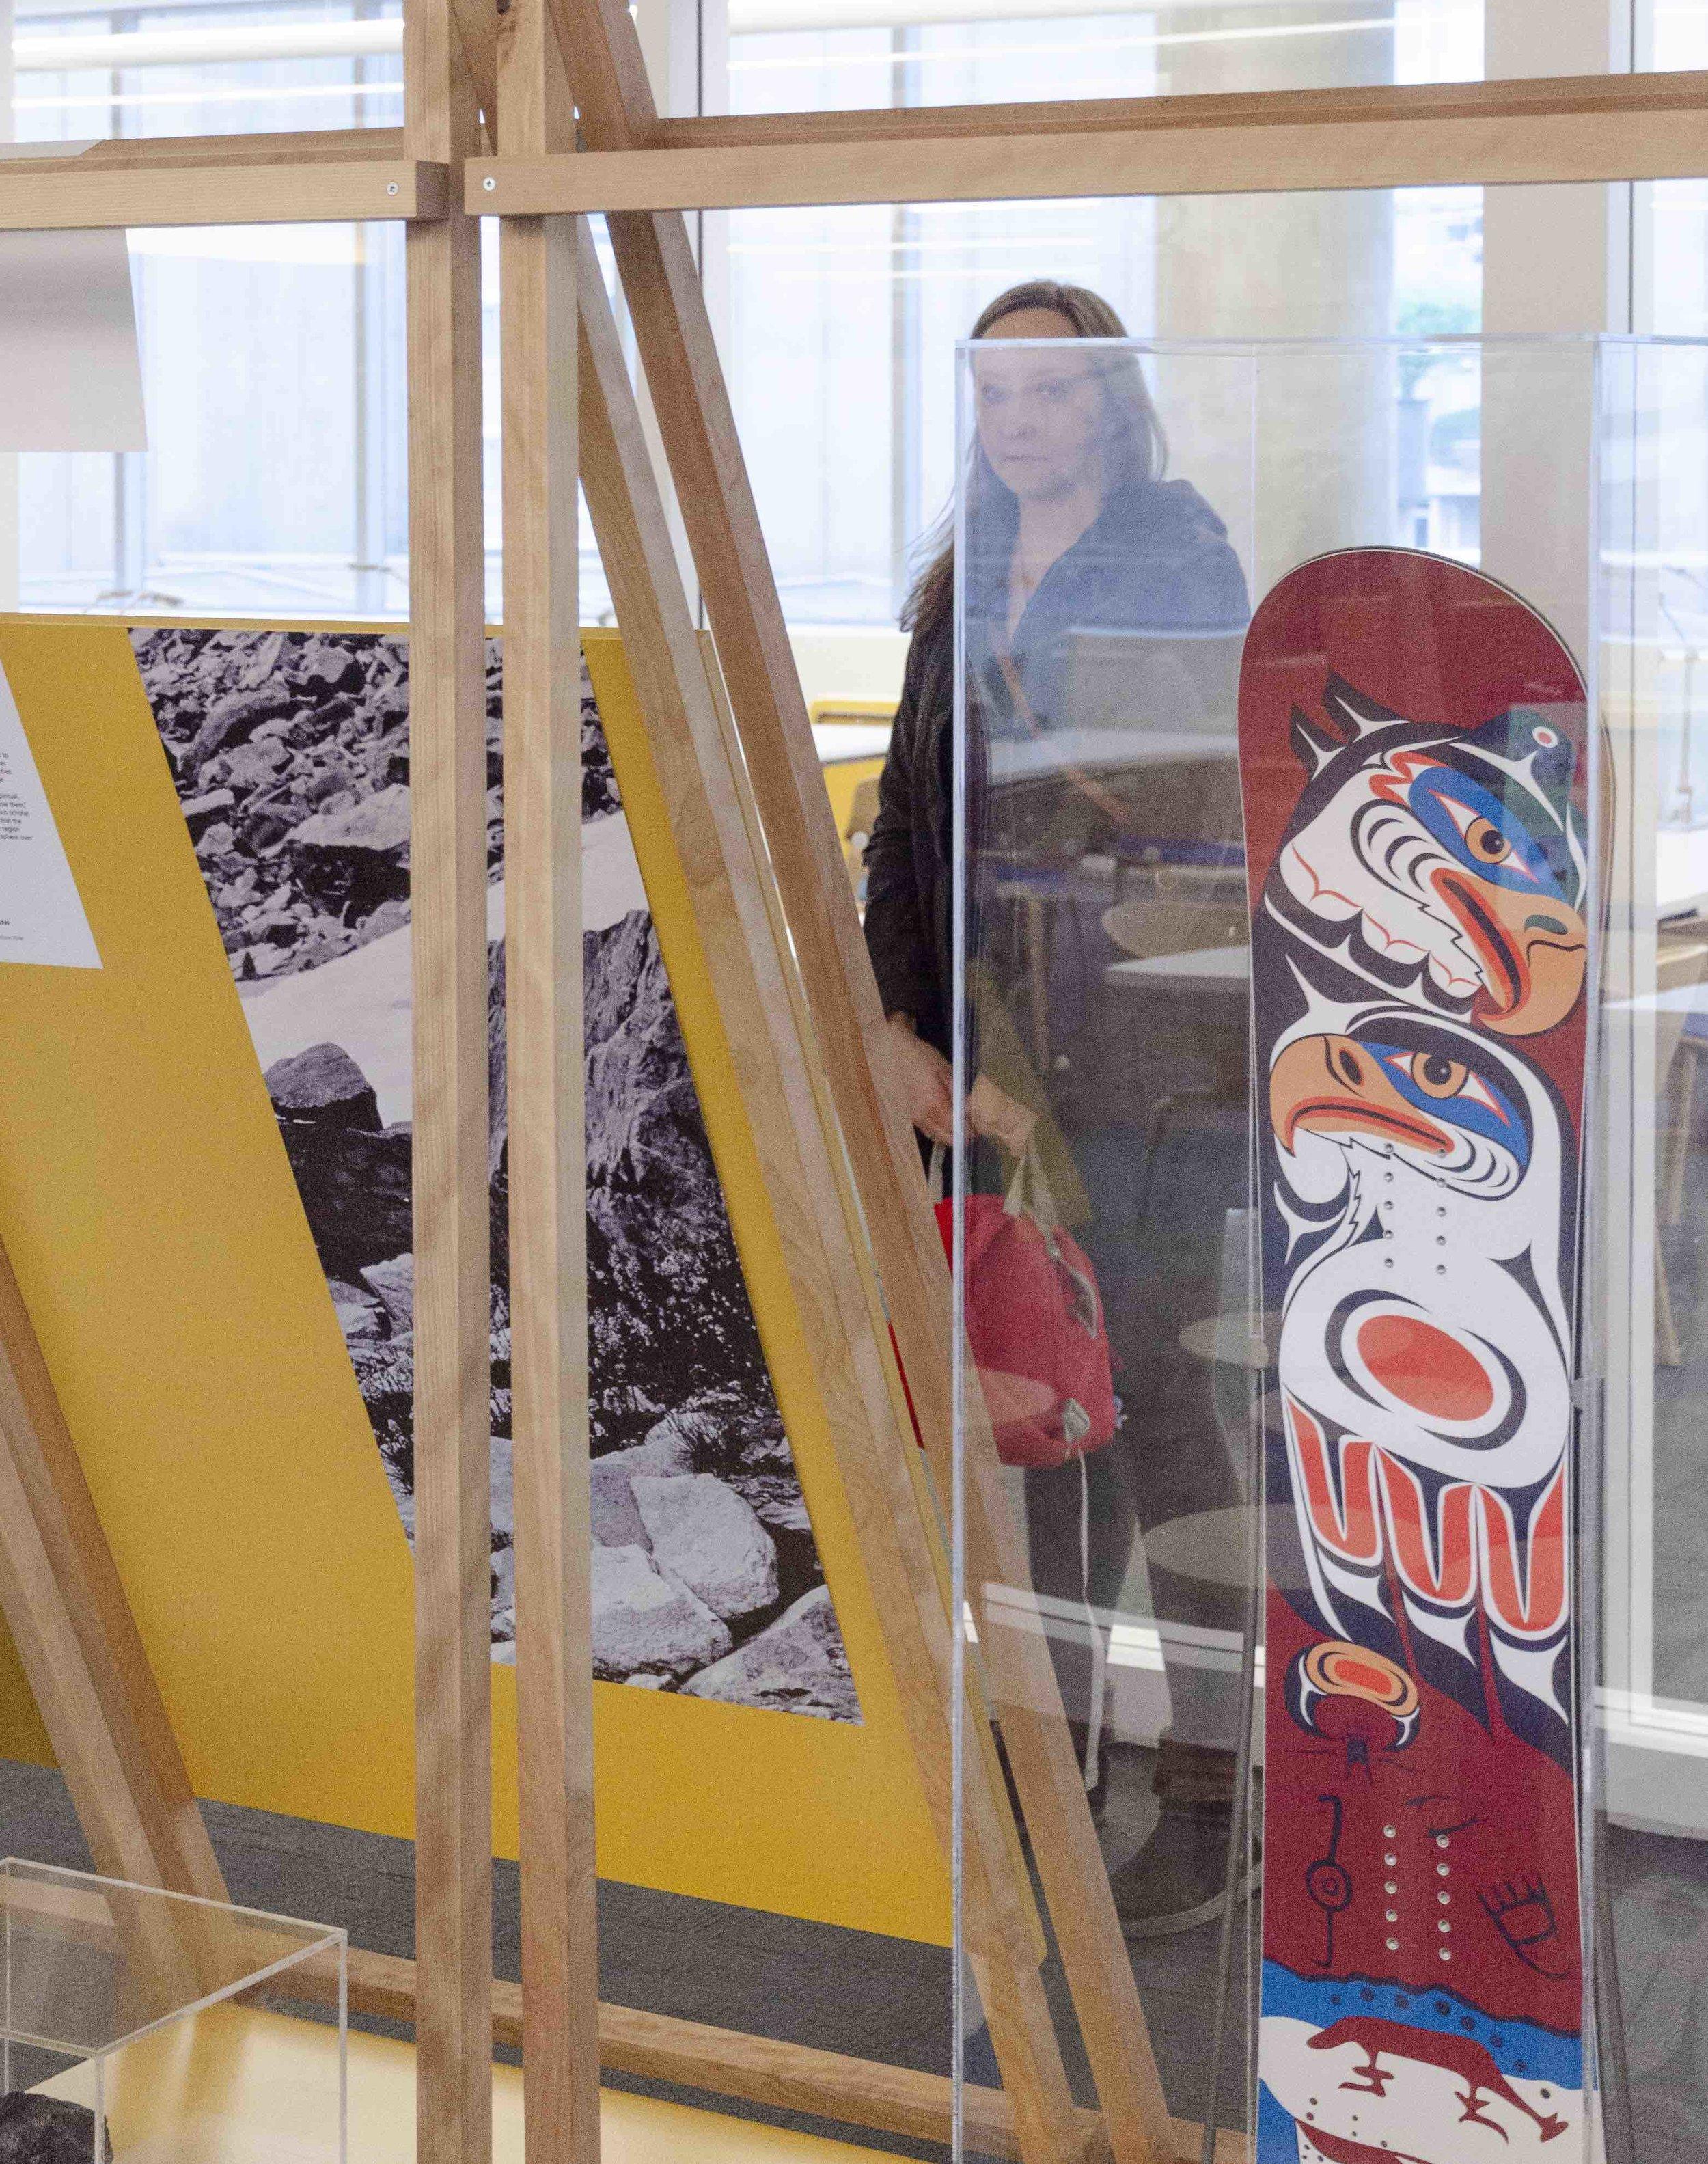 morph_di__2 snowboard.jpg